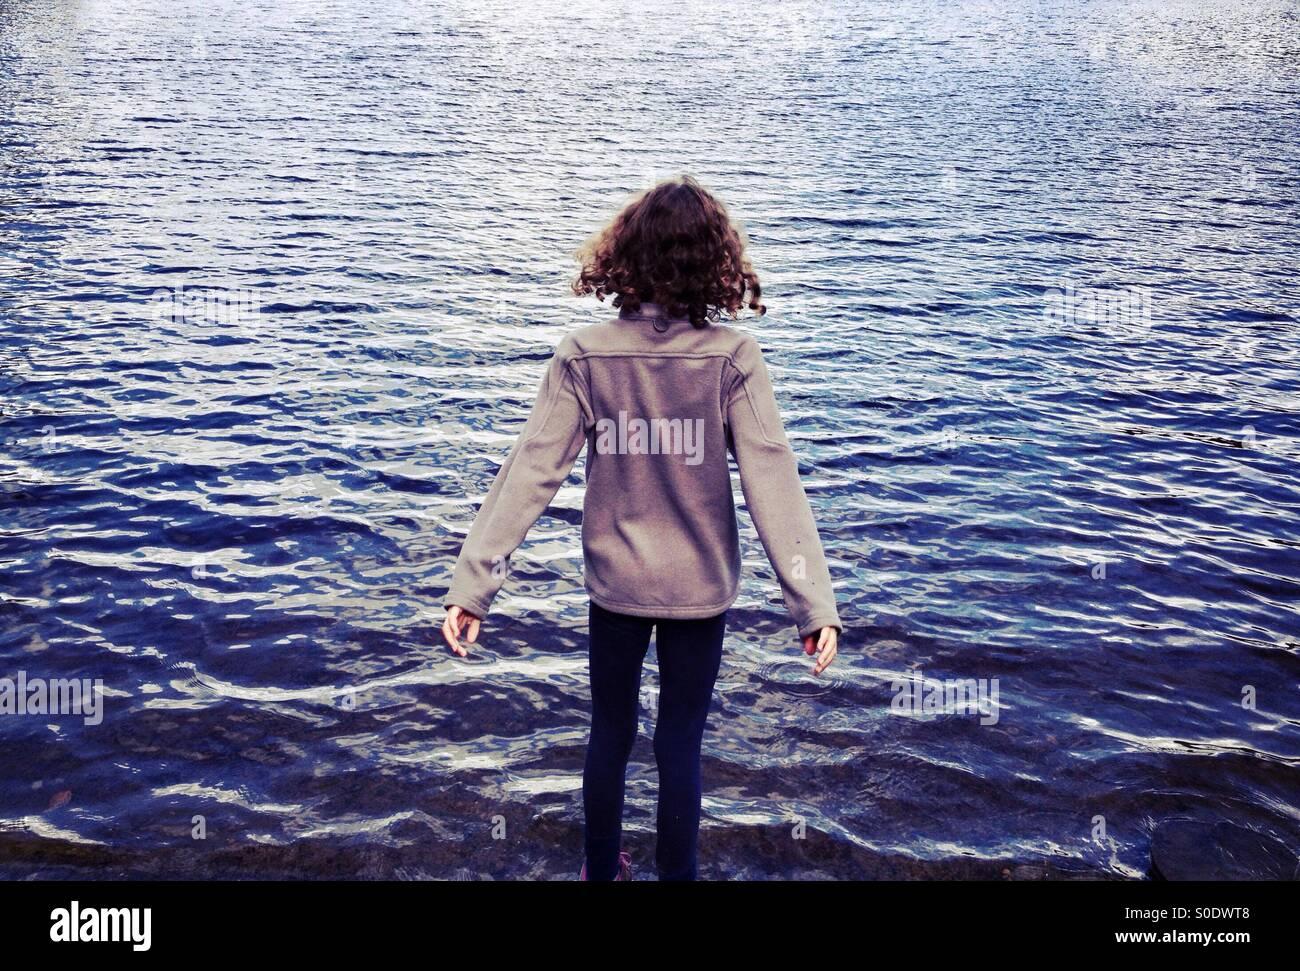 Niña mirando a lo largo de lago con sus brazos extendidos Imagen De Stock